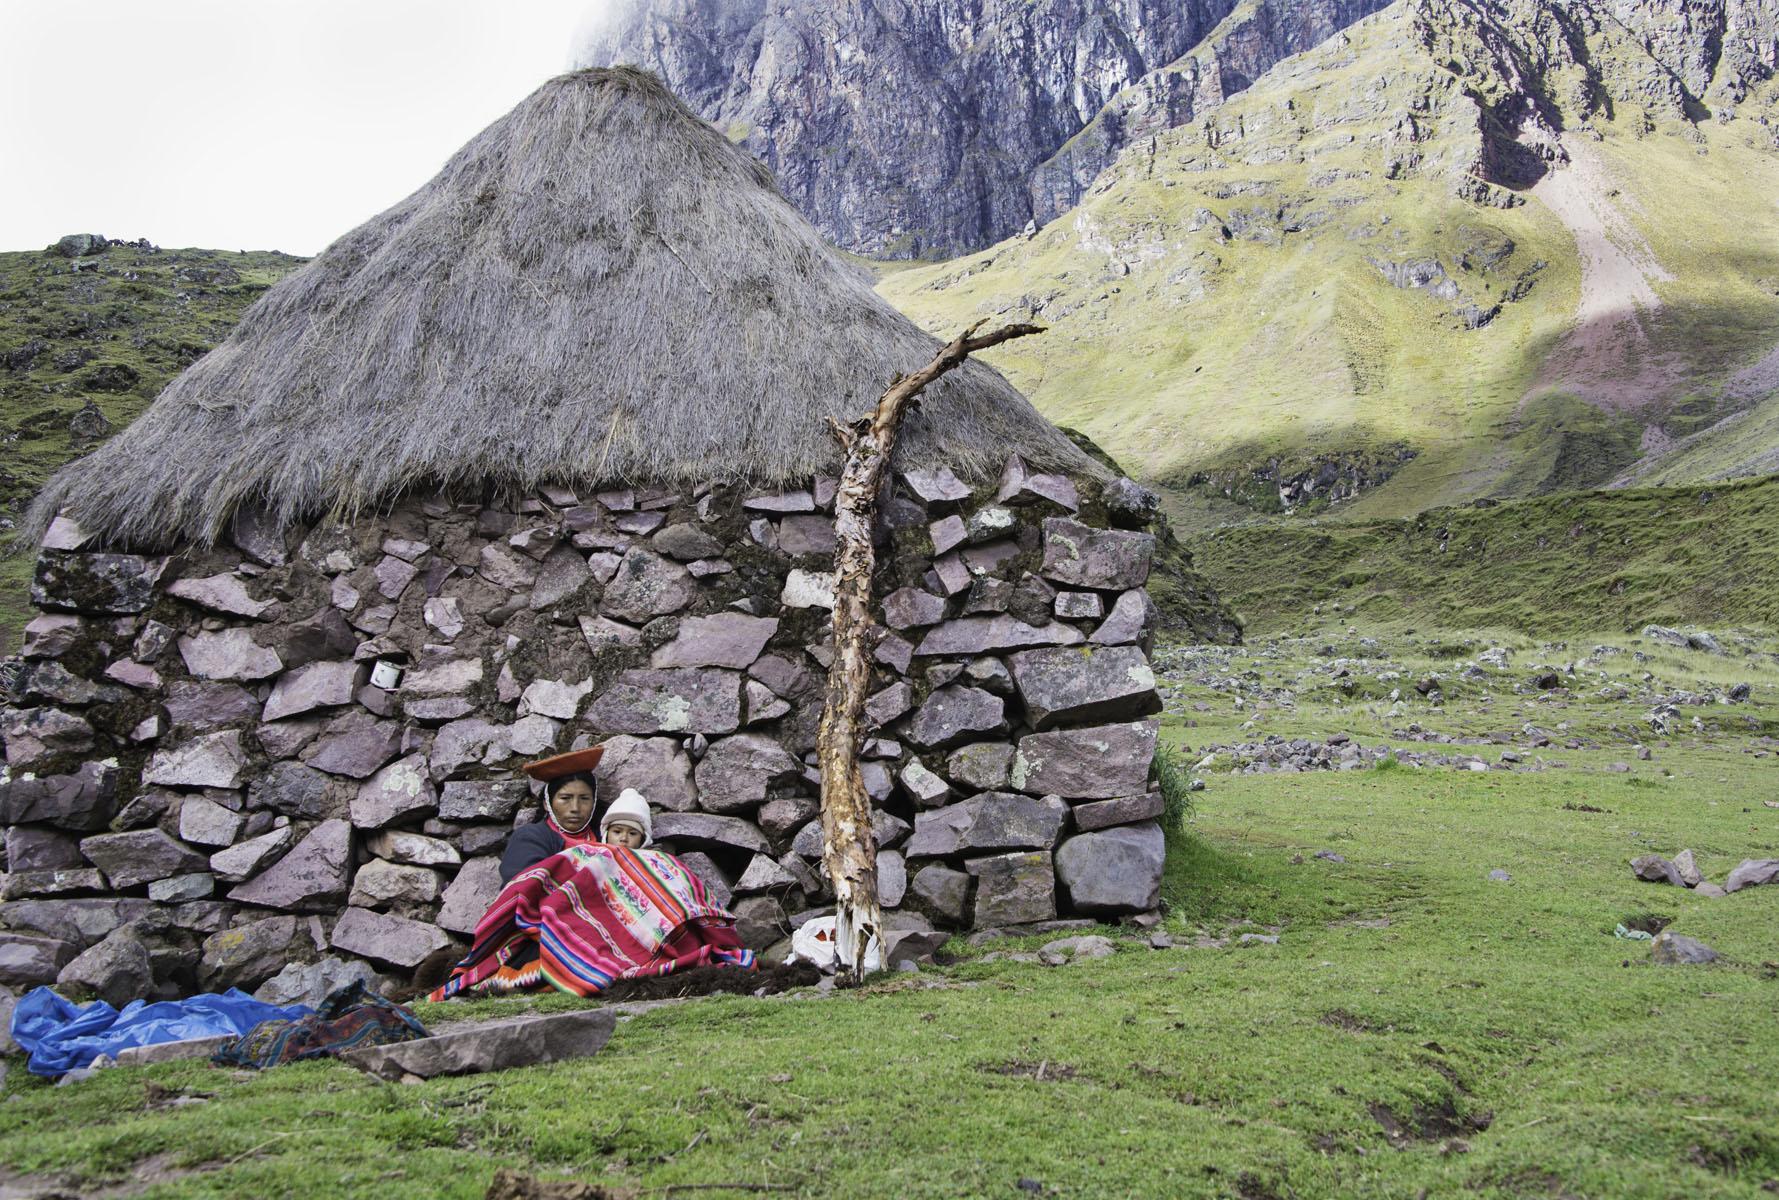 427-Peru-5-15_web.jpg